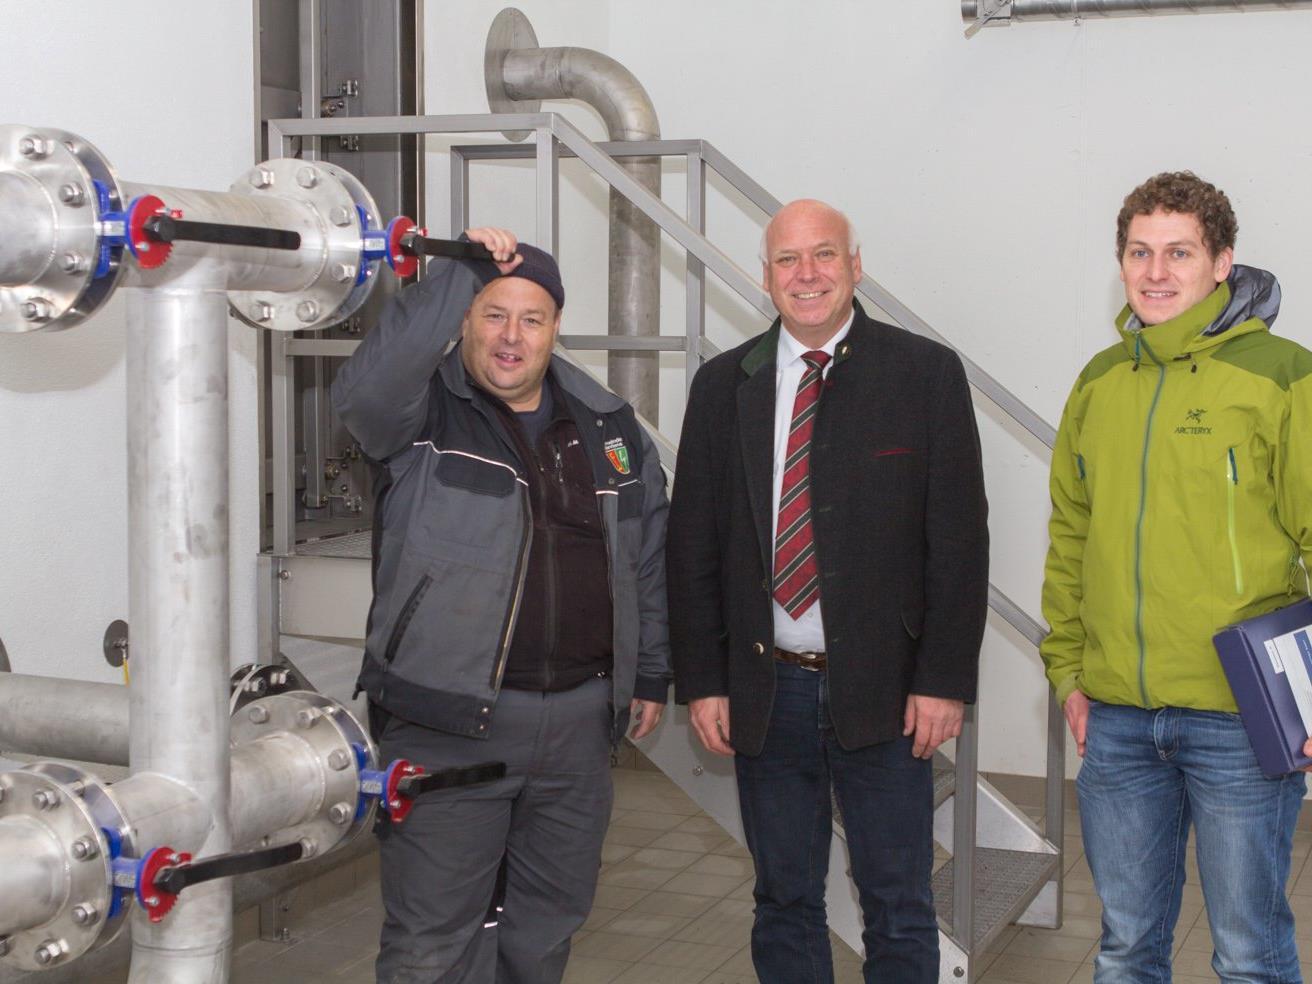 Bürgermeister Wachter und Wassermeister Bott freuen sich über eine der besten und moderstens Wasserversorgungsanlagen in Vorarlberg.